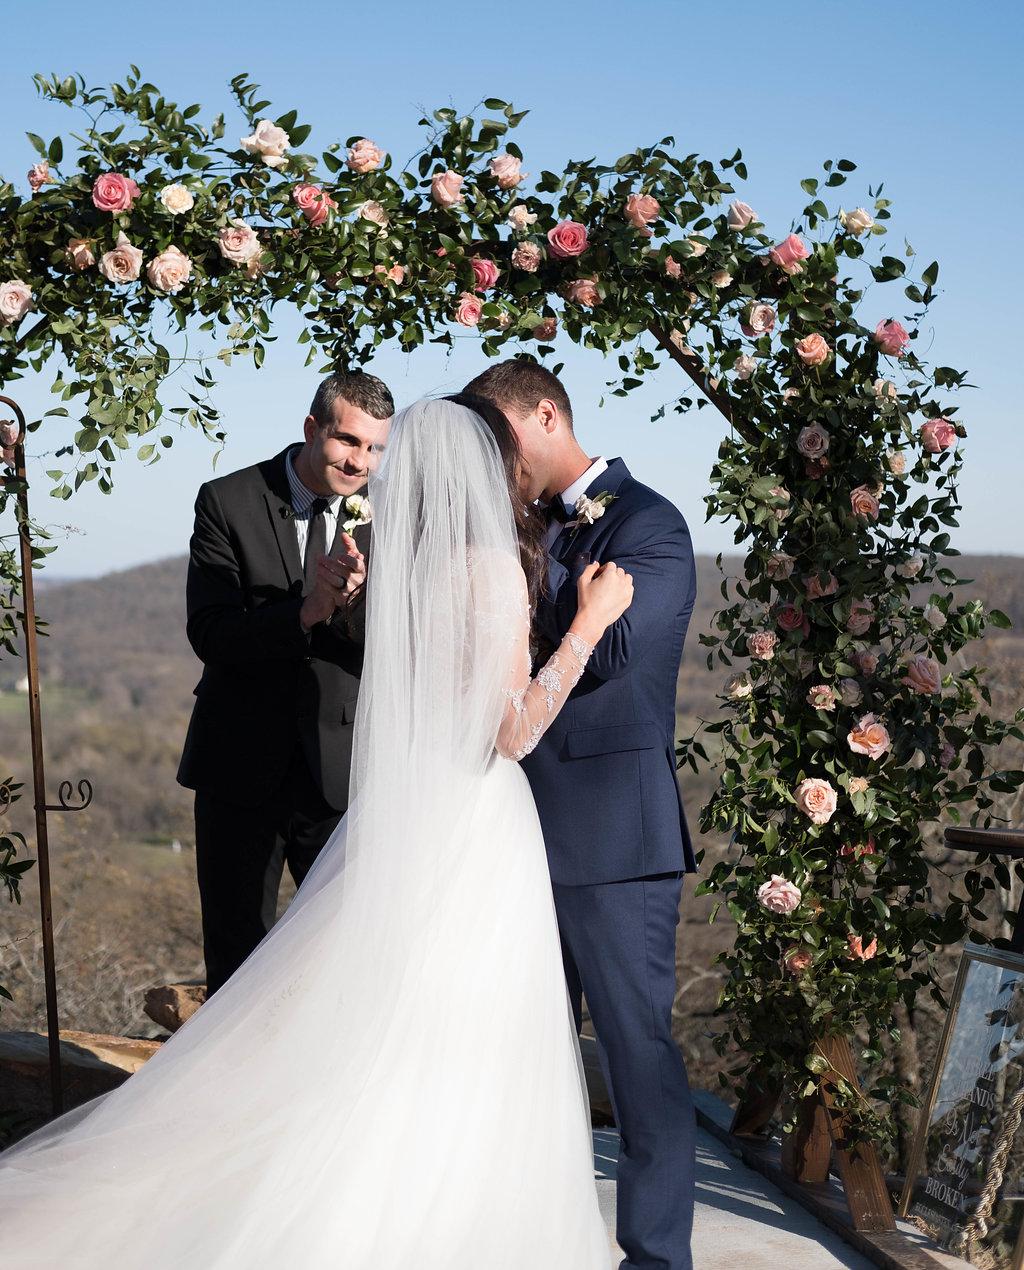 Tulsa Wedding Venue outdoor ceremony 15.jpg